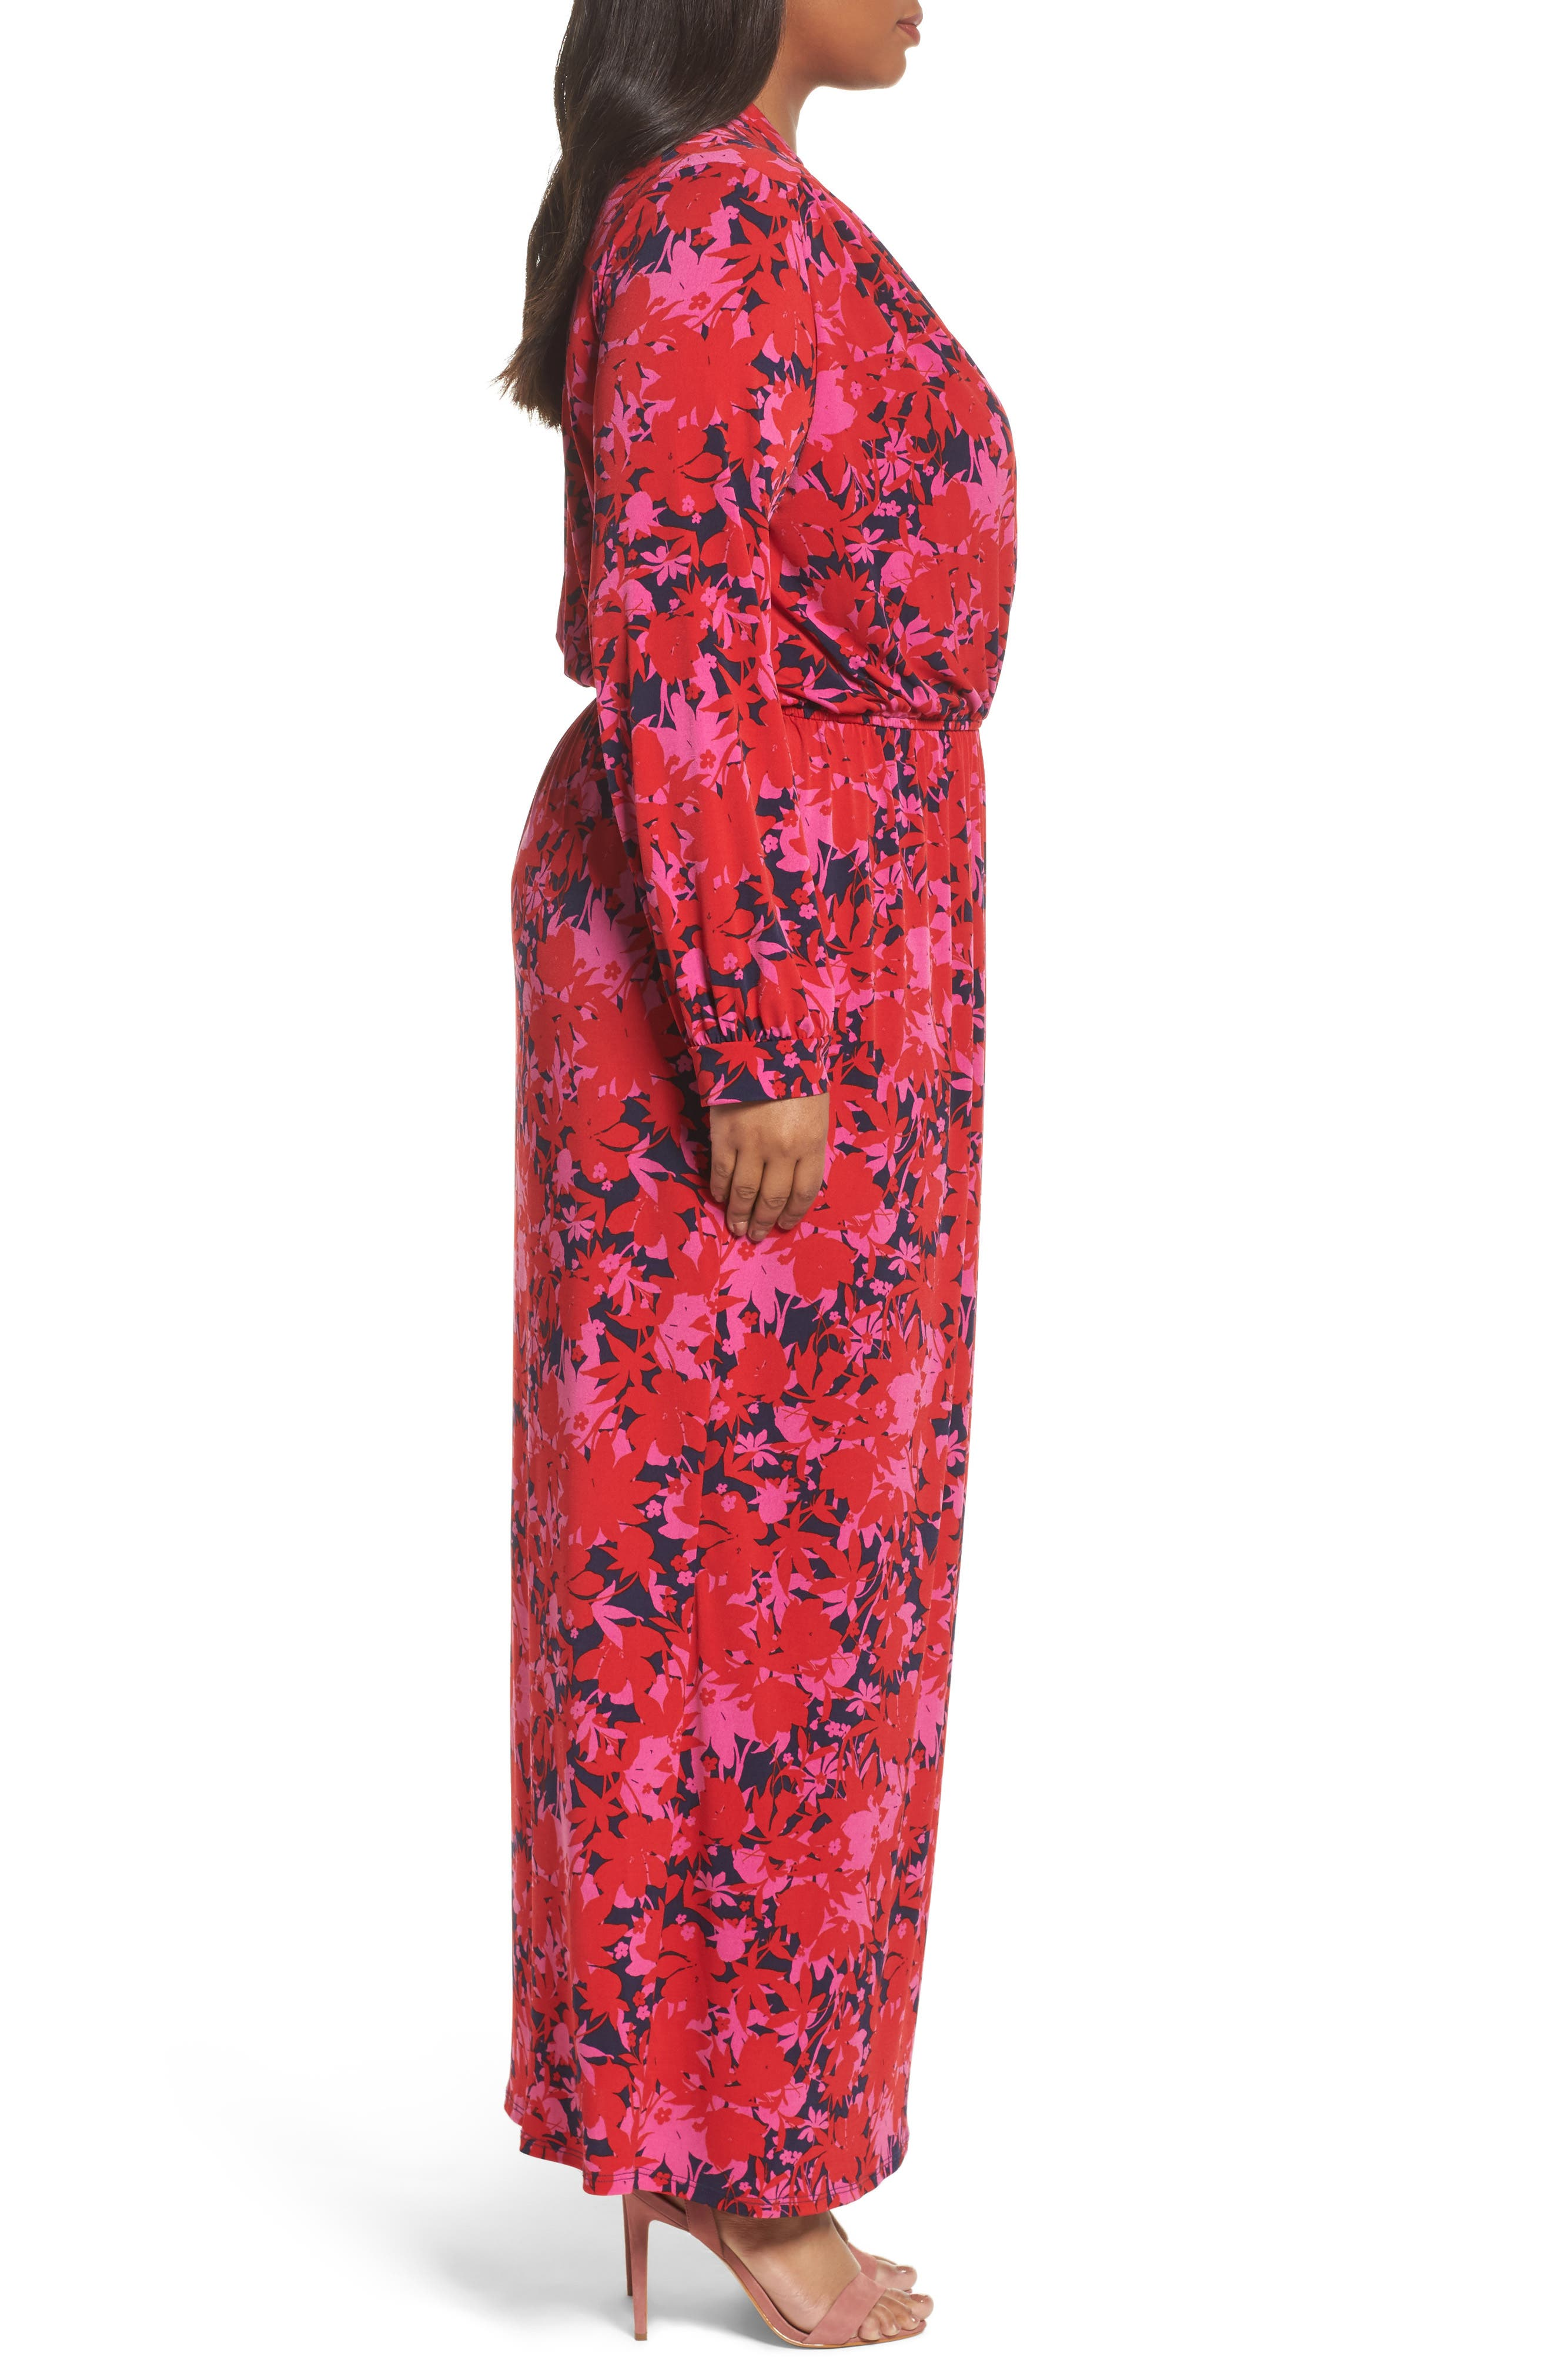 Alternate Image 3  - Leota Bridget Floral Faux Wrap Maxi Dress (Plus Size)